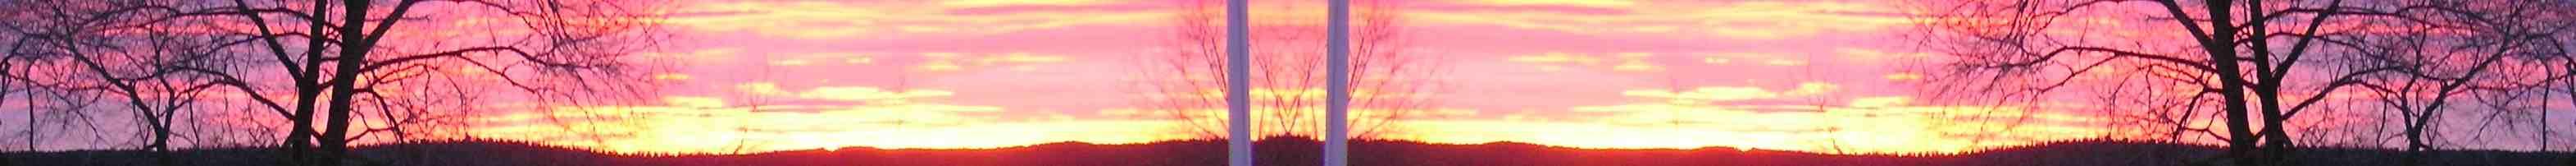 <img700*0:http://www.elfpack.com/sky2.jpg>